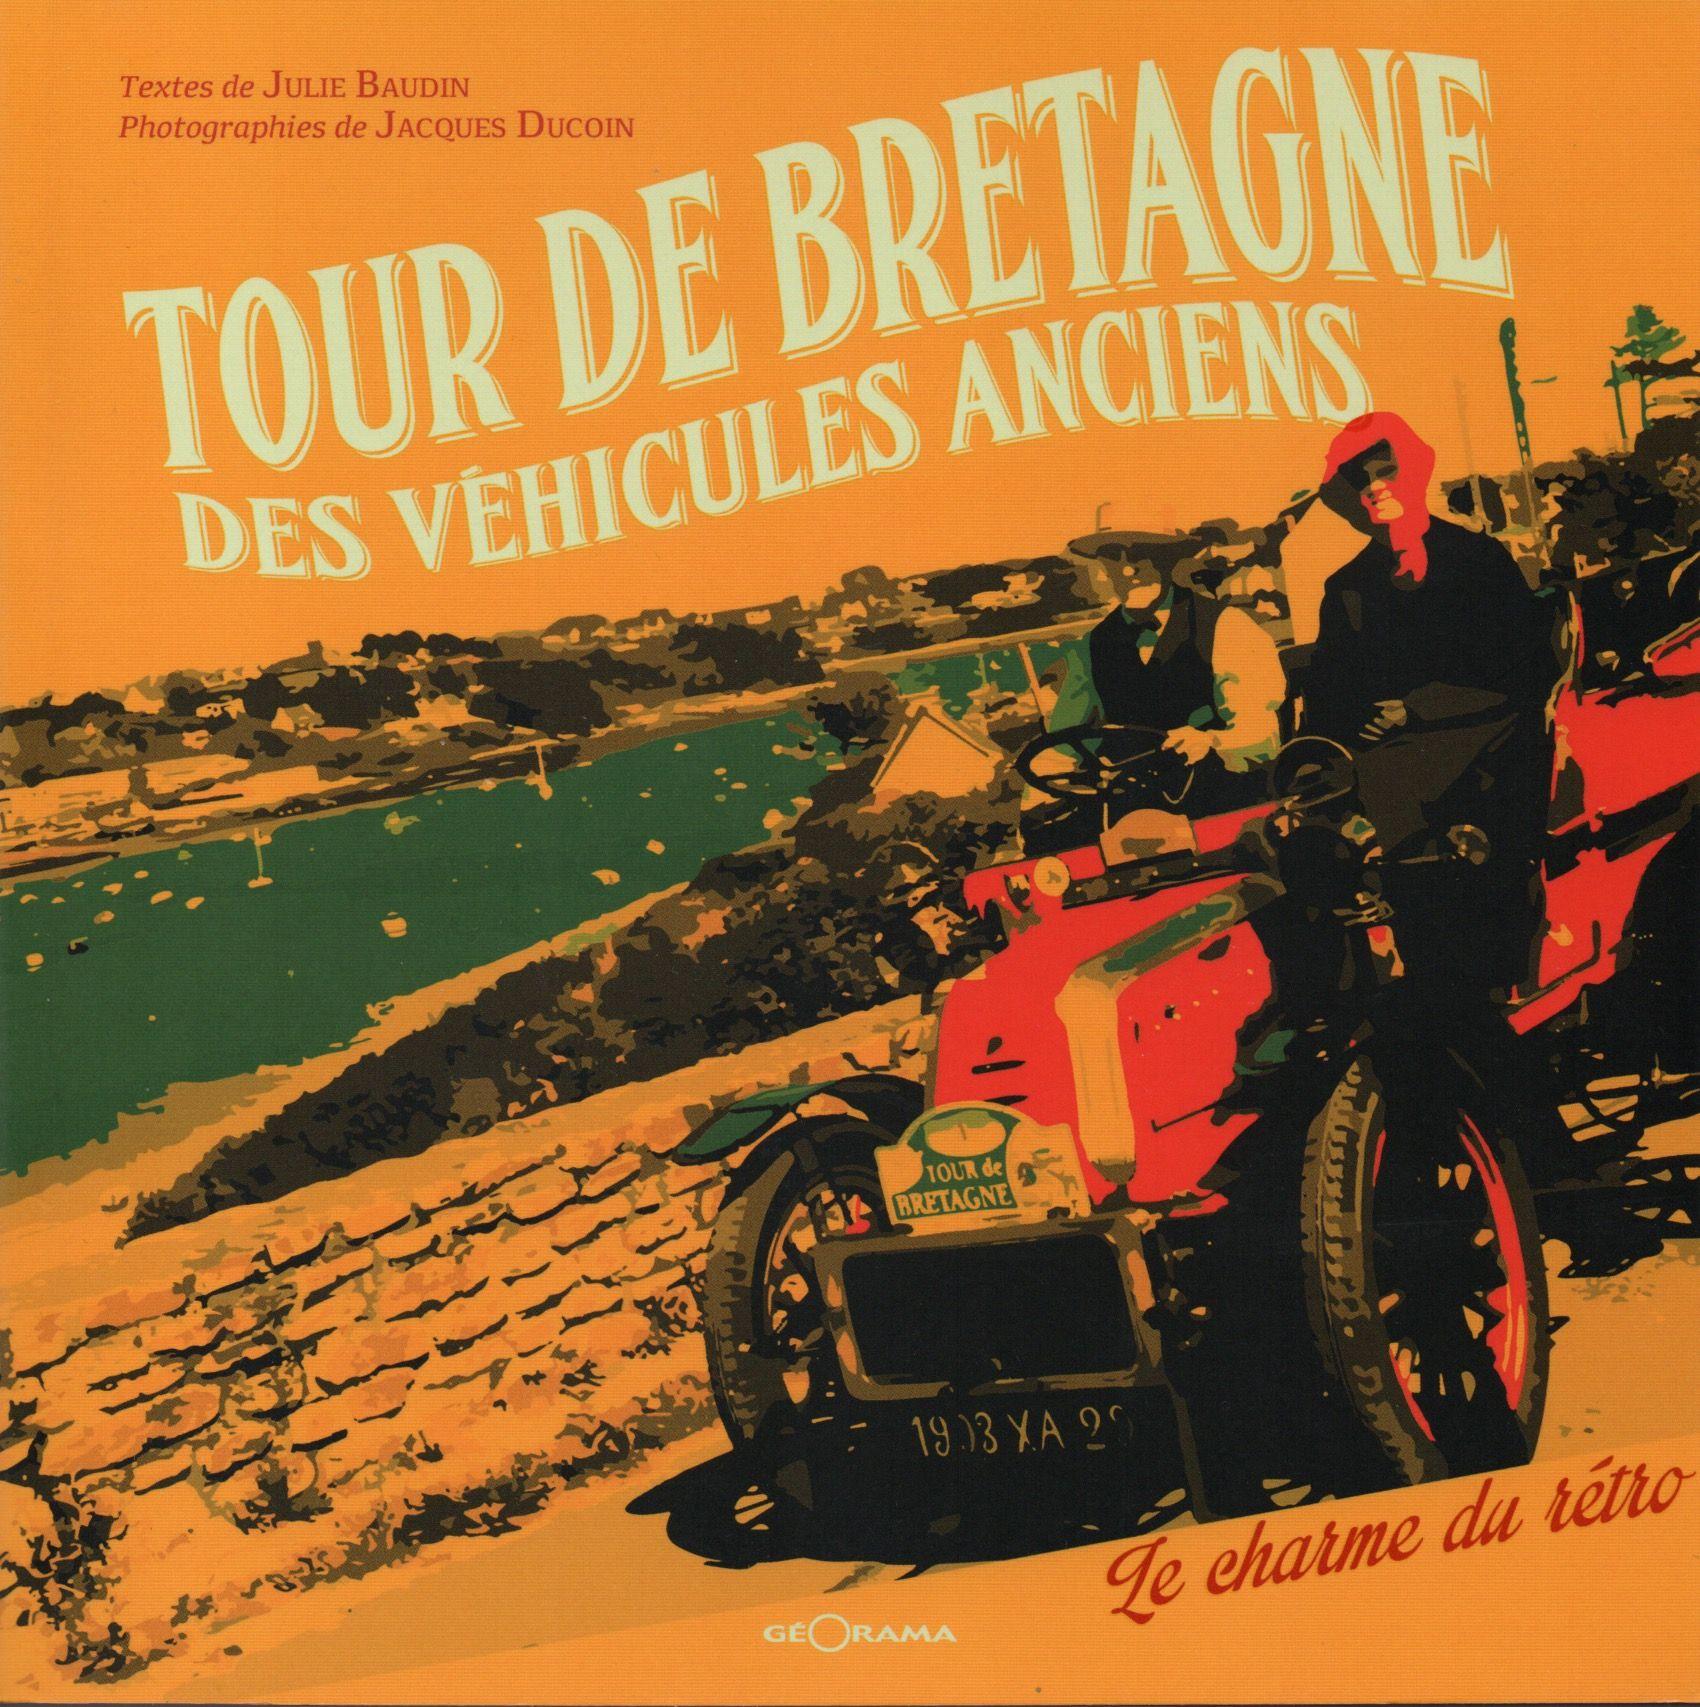 Tour de Bretagne des véhicules anciens, co-auteur Jacques Ducoin